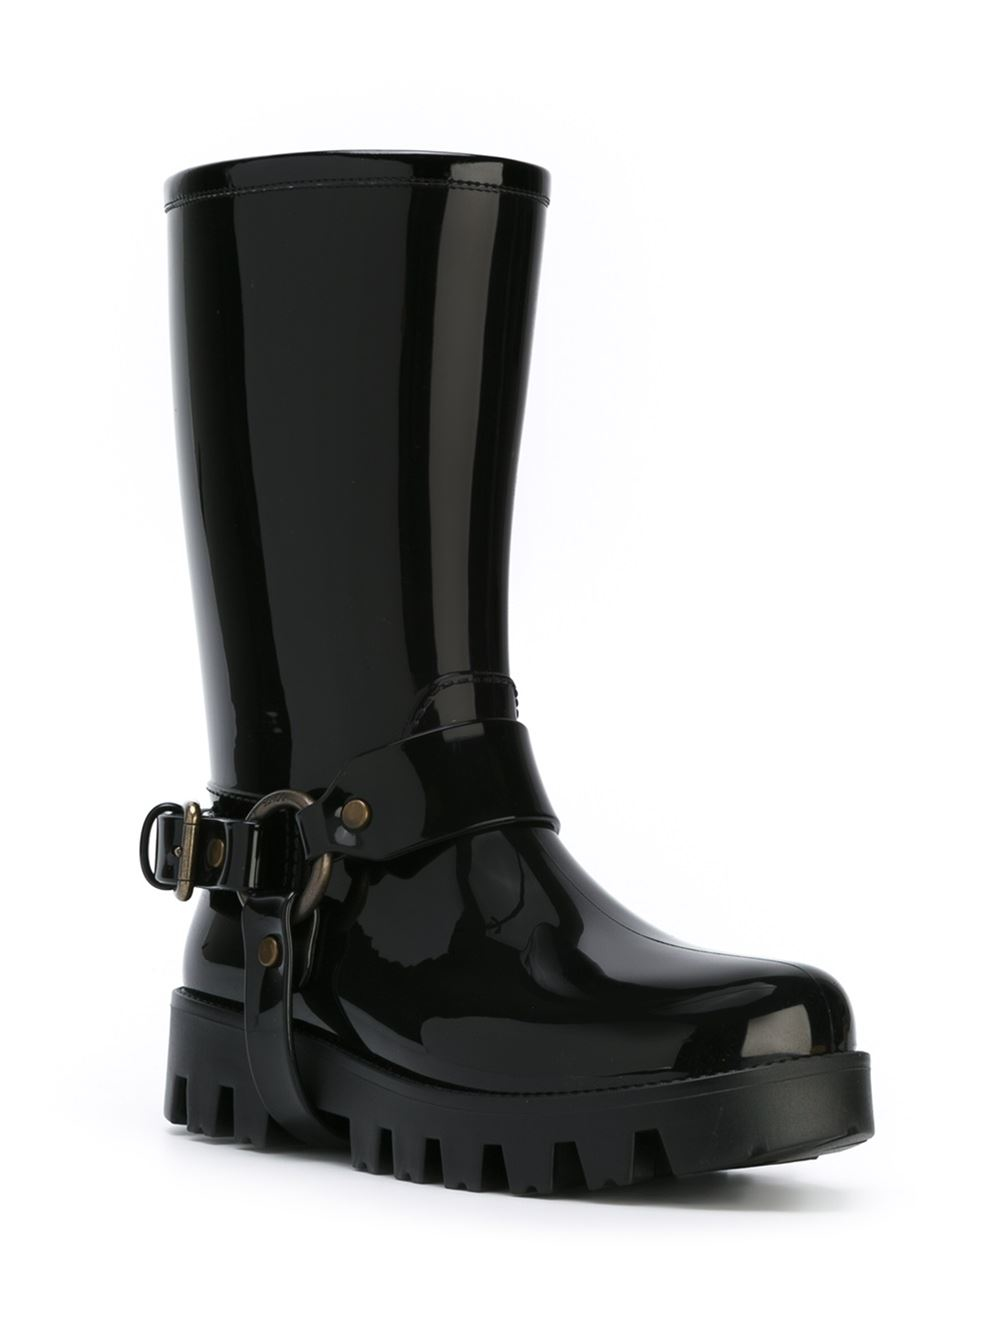 Dolce & gabbana Laminated Short Rain Boots in Black | Lyst